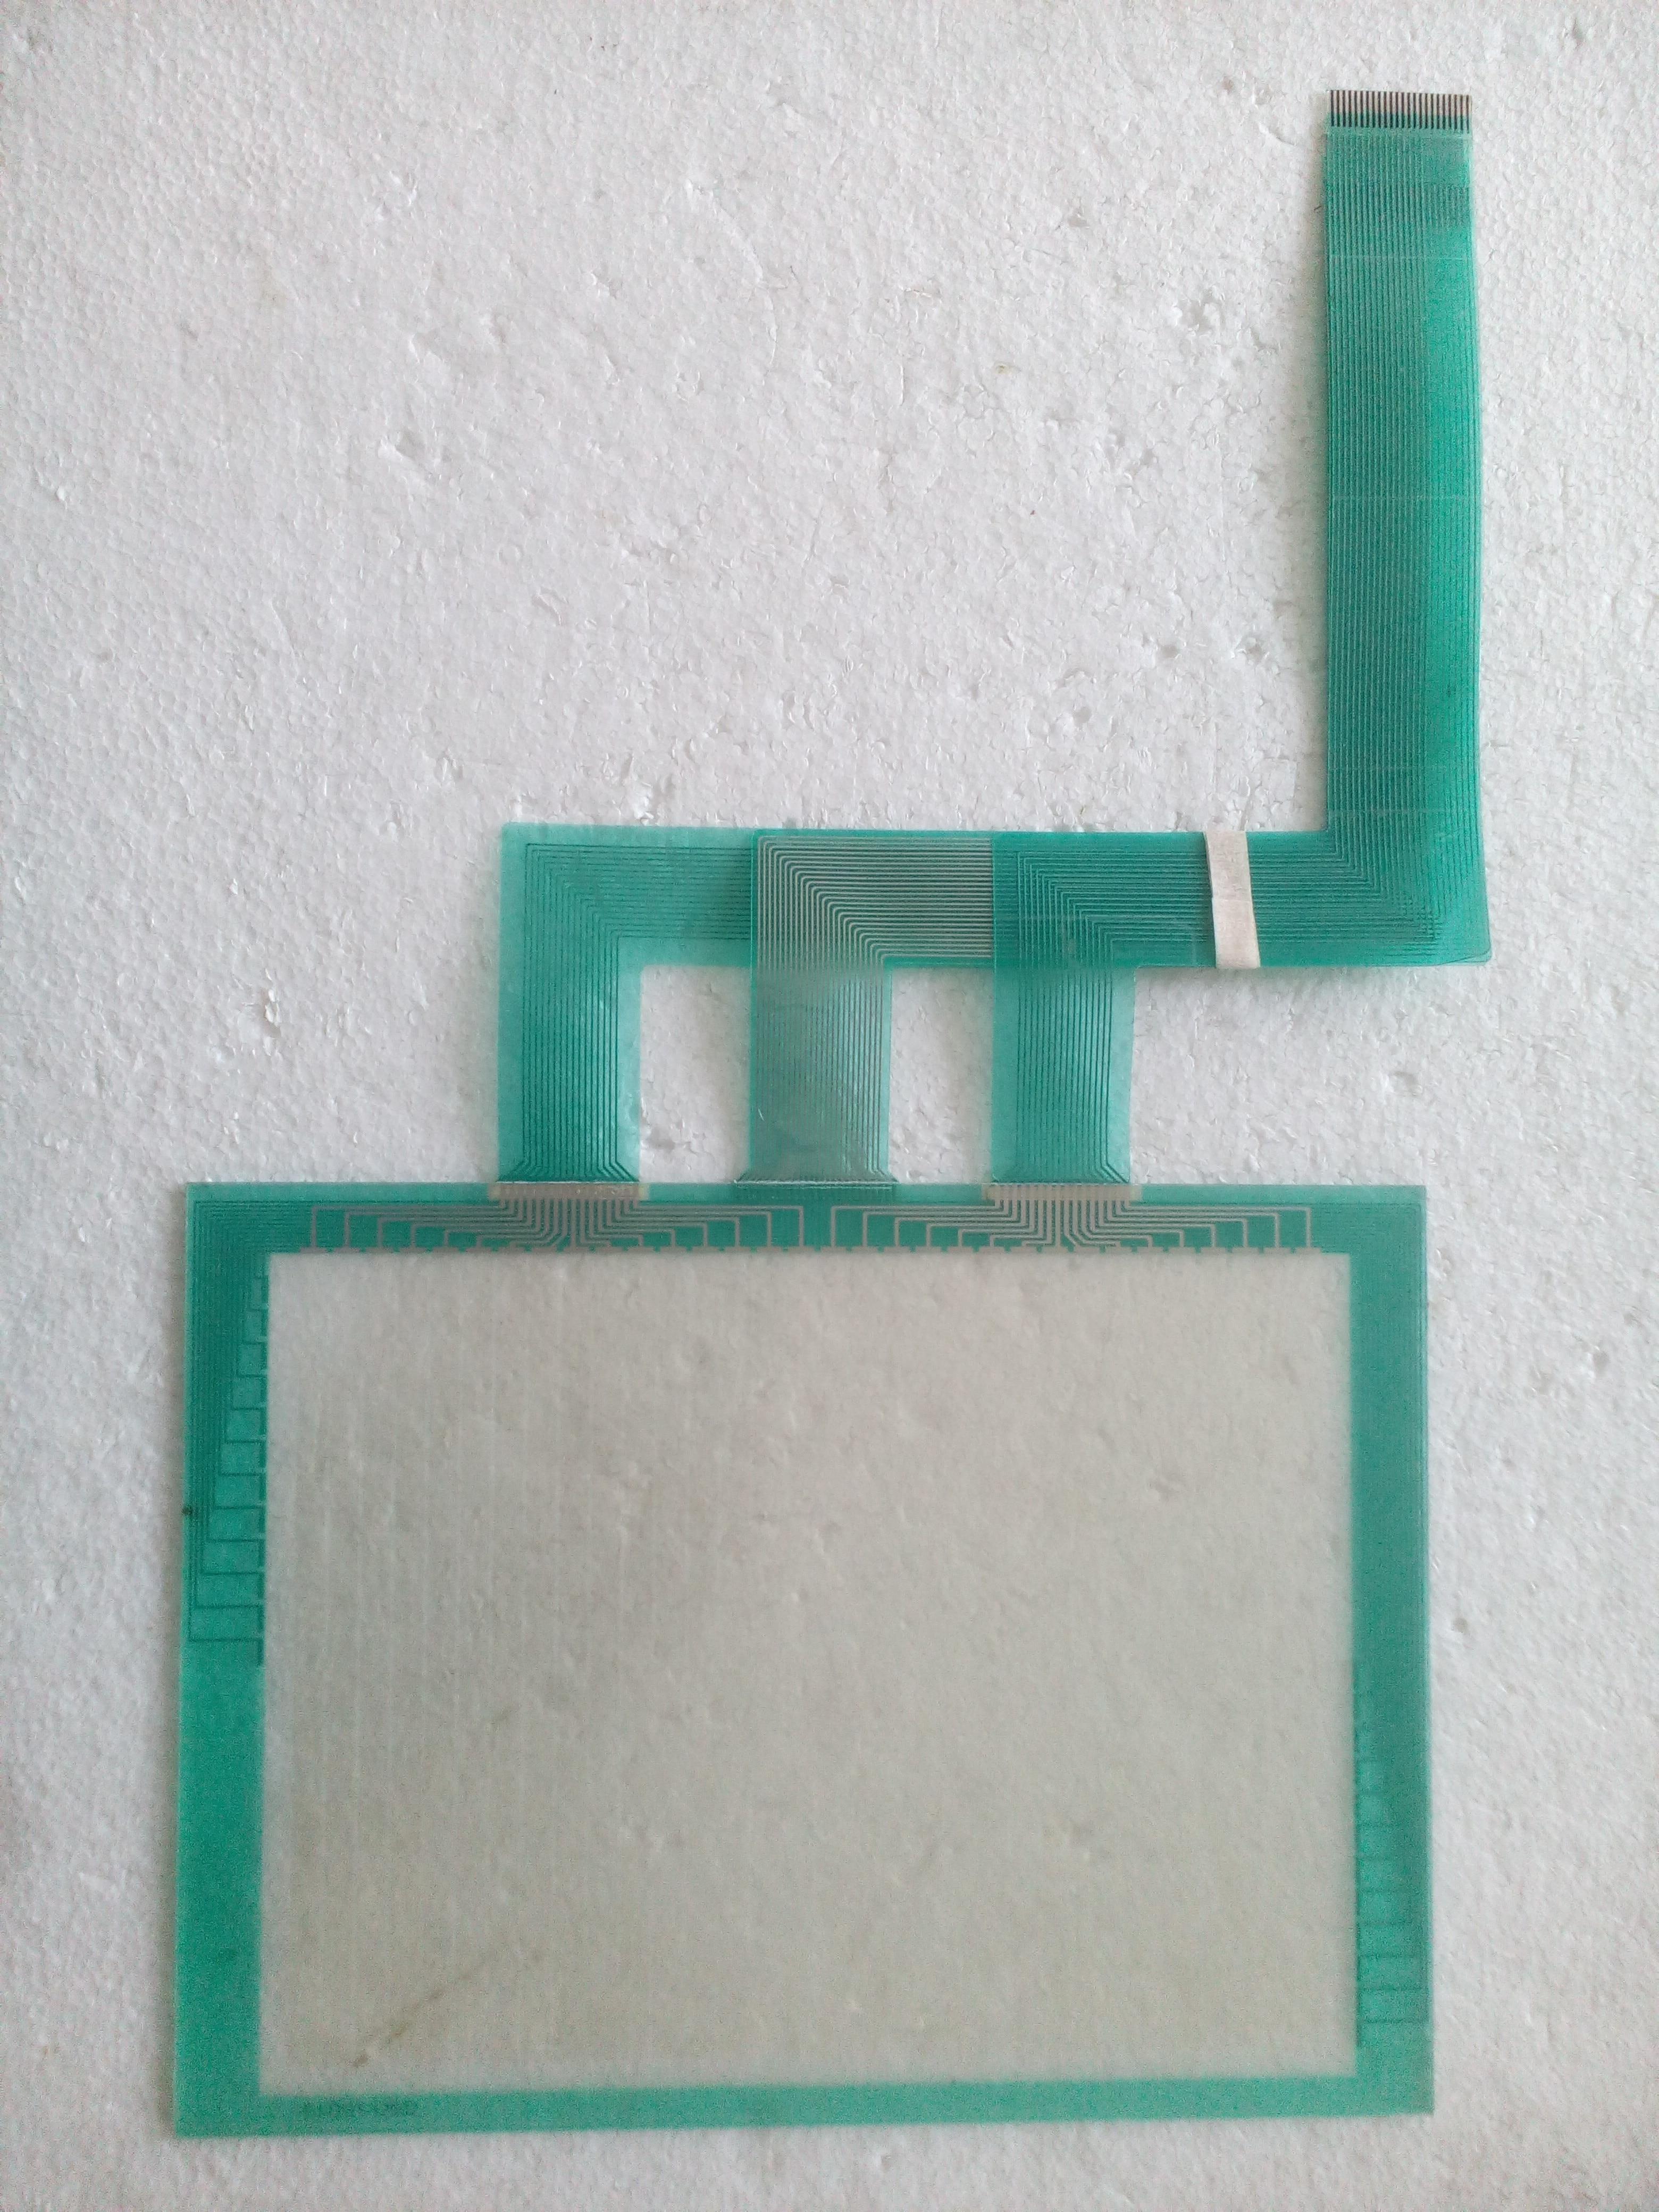 GP577R-TC41-24V ، GP577R-EG41-24V اللمس الزجاج ل آلة المشغل لوحة إصلاح ~ تفعل ذلك بنفسك ، دينا في المخزون